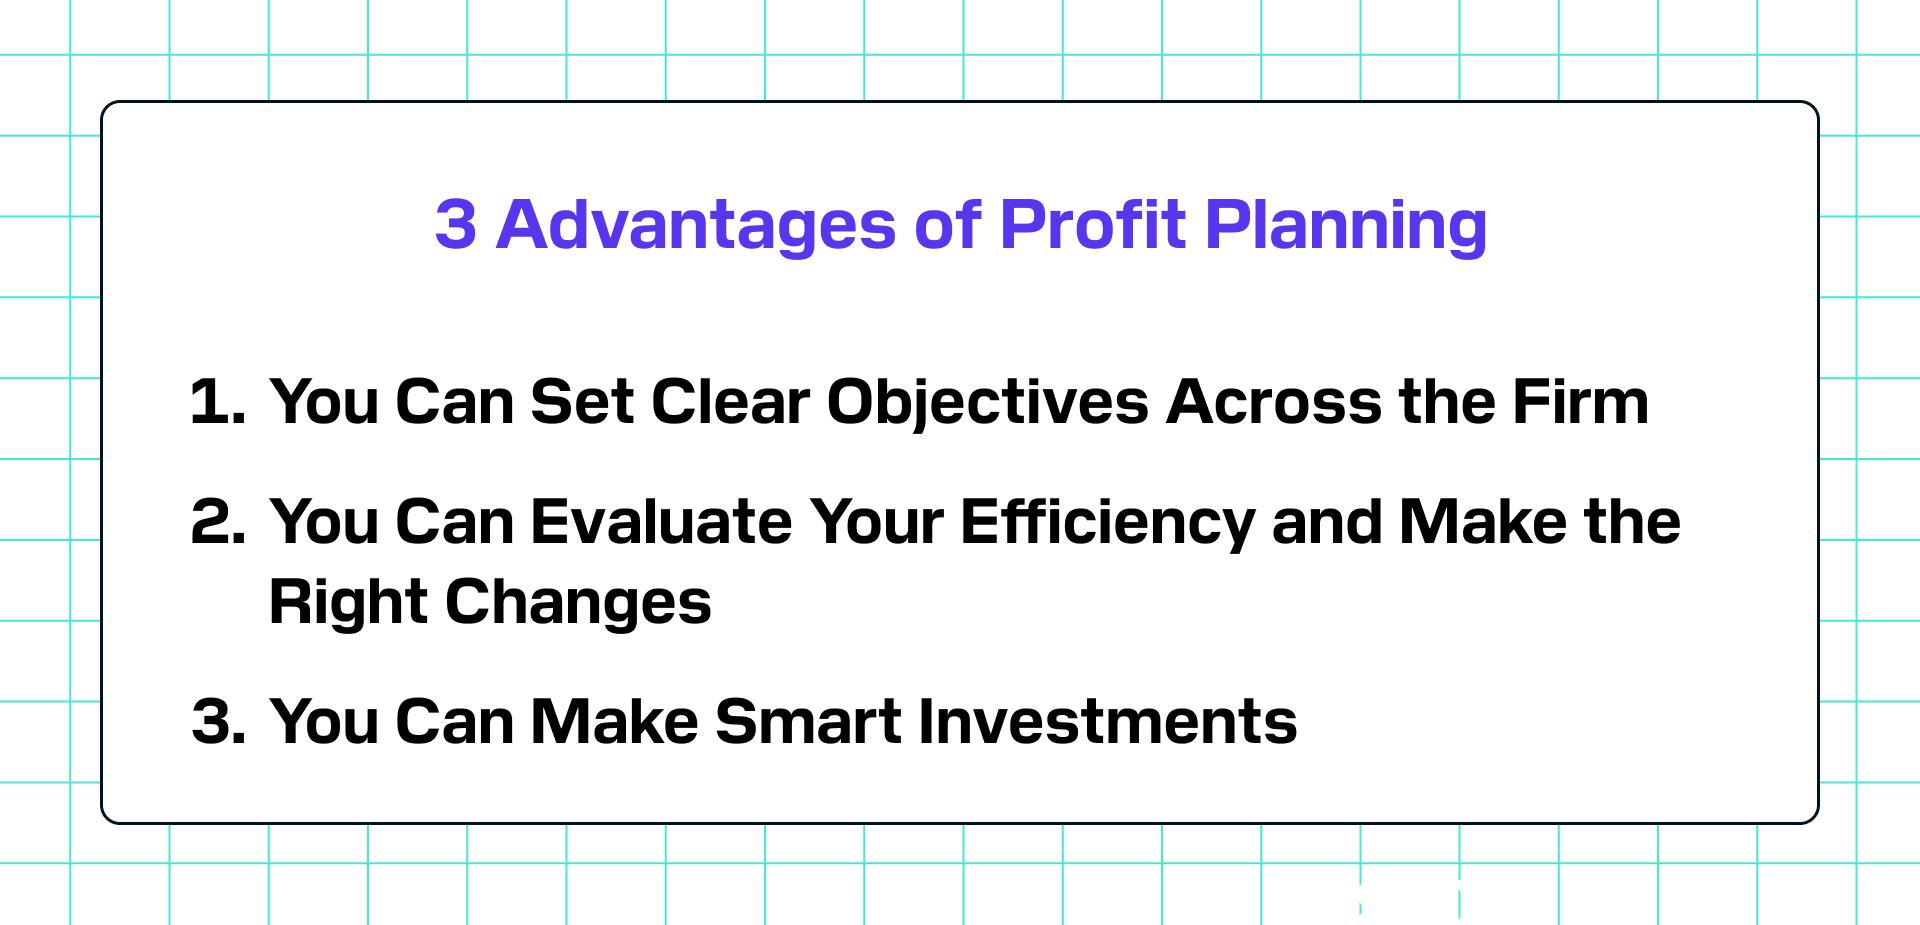 3 Advantages of Profit Planning